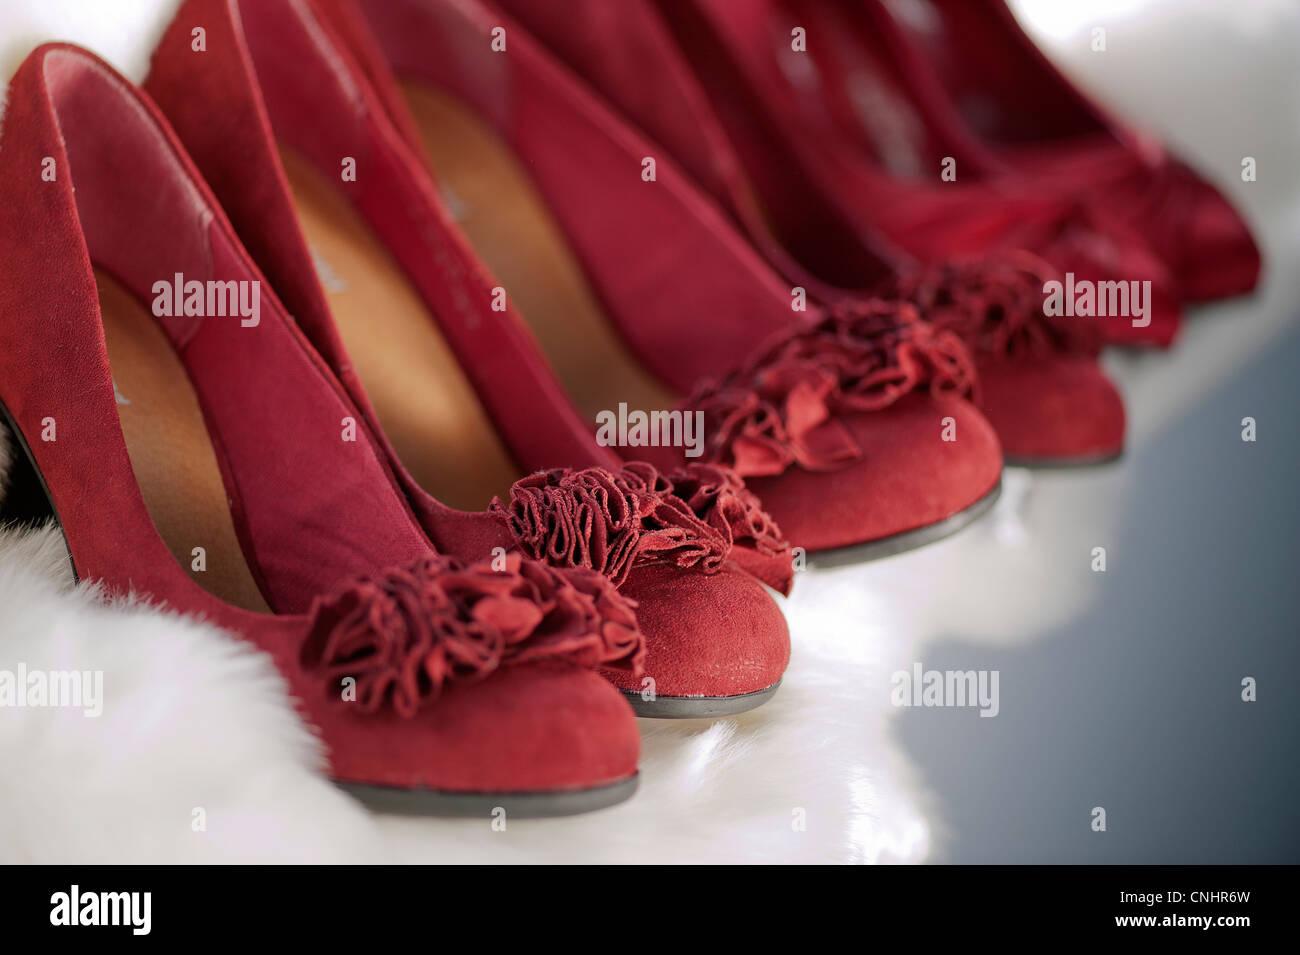 Linie der roten Wildleder Brautjungfer Womens Stöckelschuhe auf einem weißen Fell-Hintergrund Stockbild